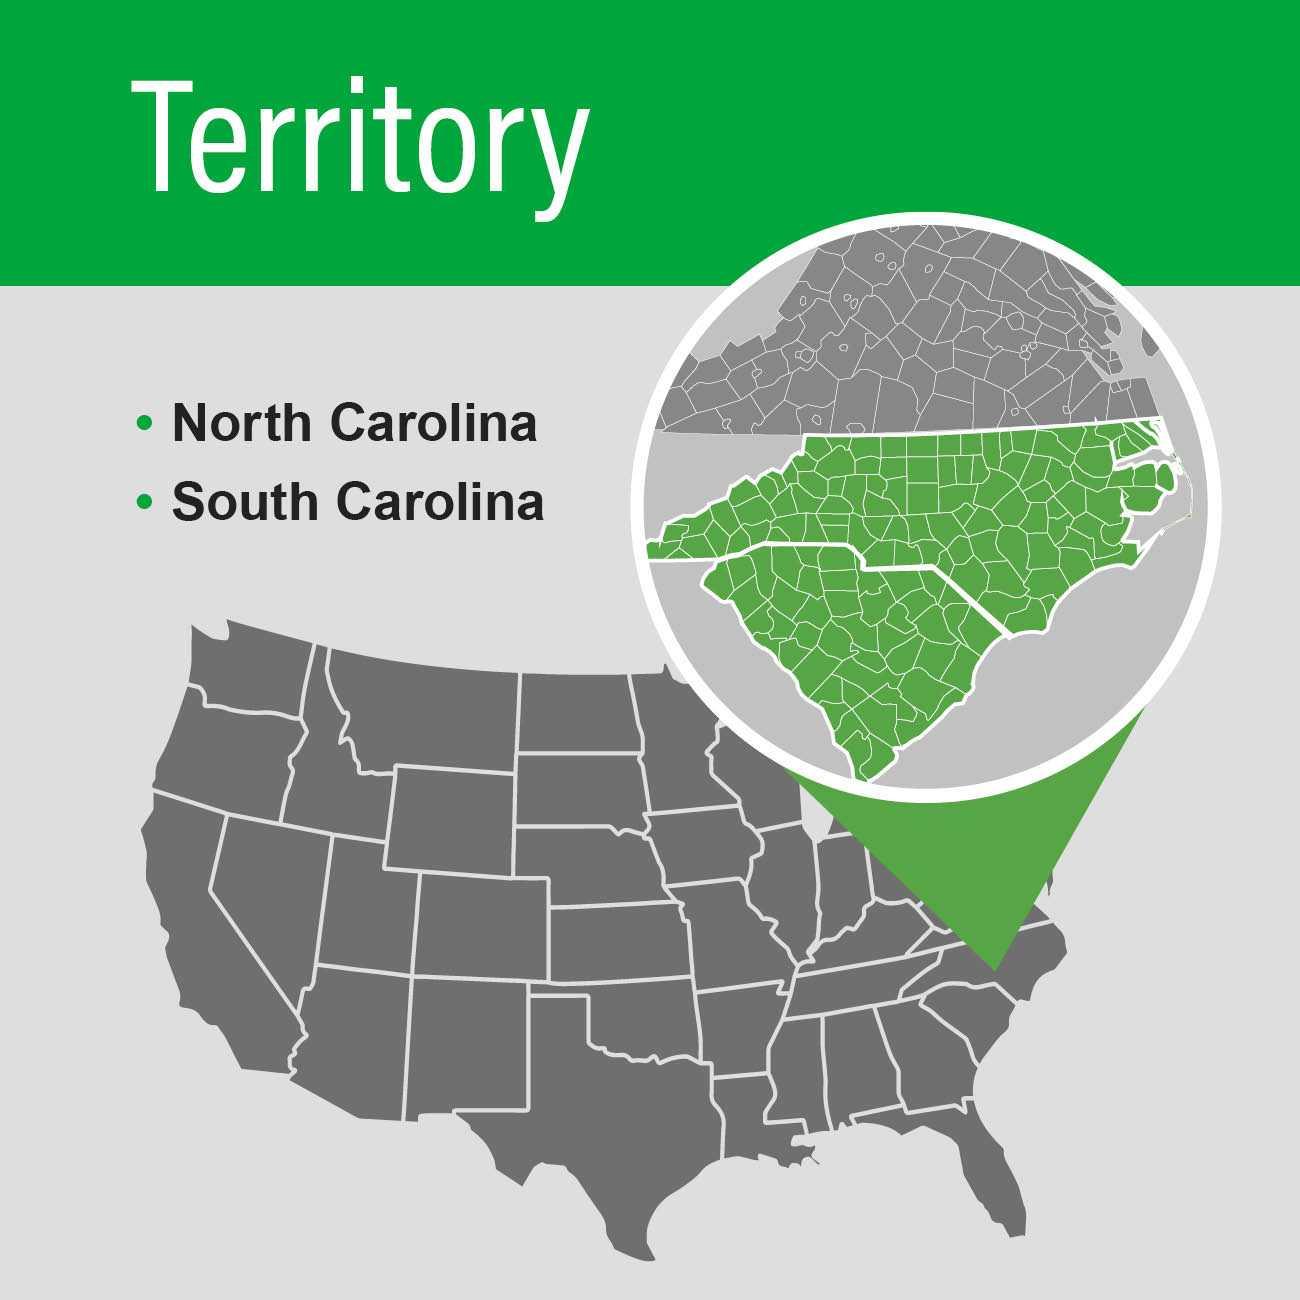 Territory Map highlighting North Carolina and South Carolina